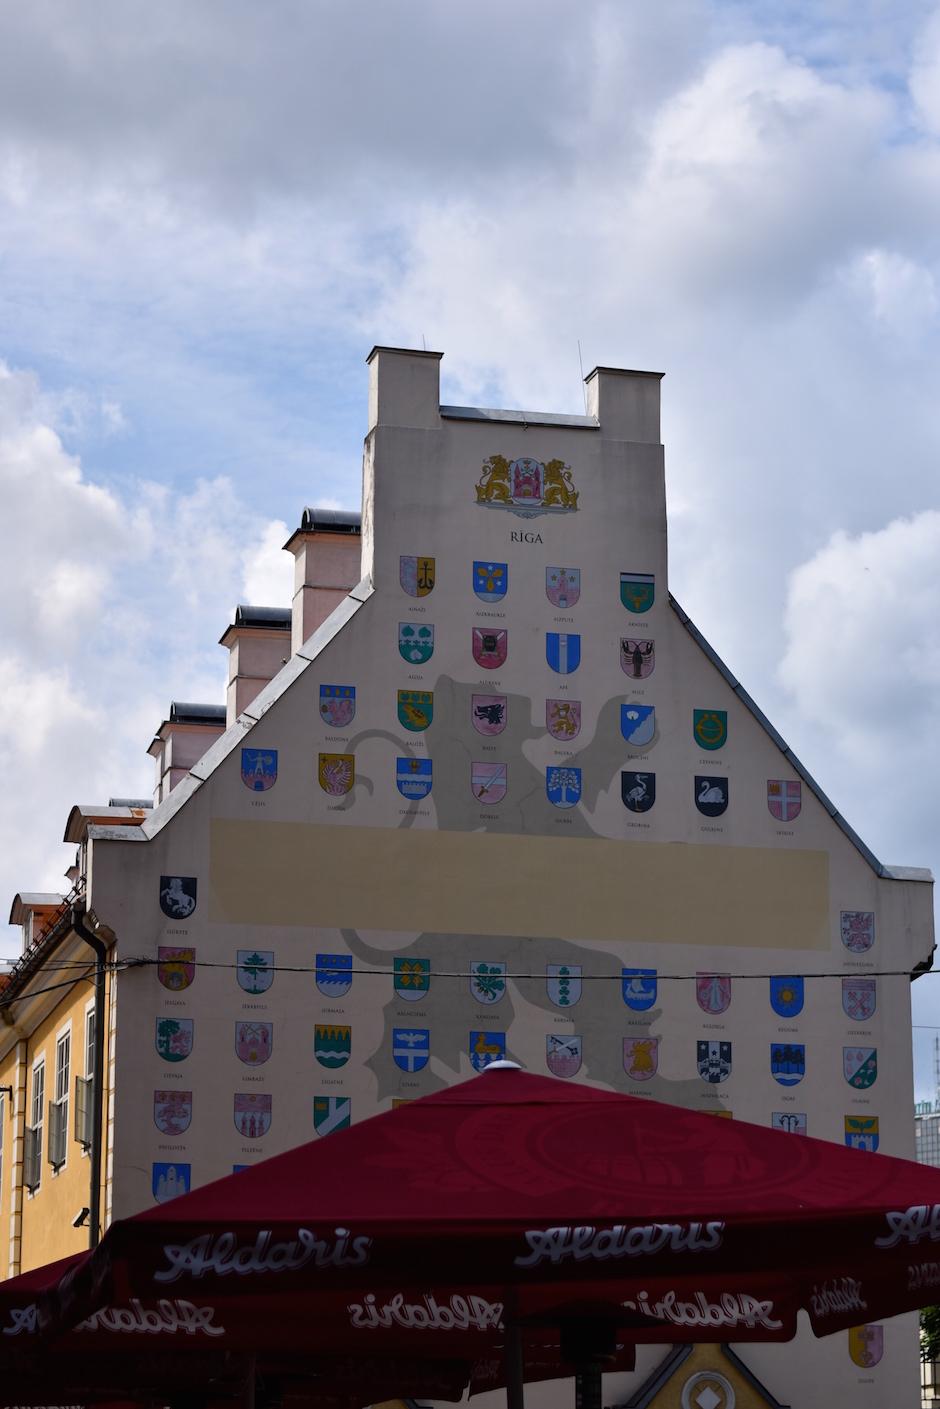 Riika Riga 2015 DSC_1113